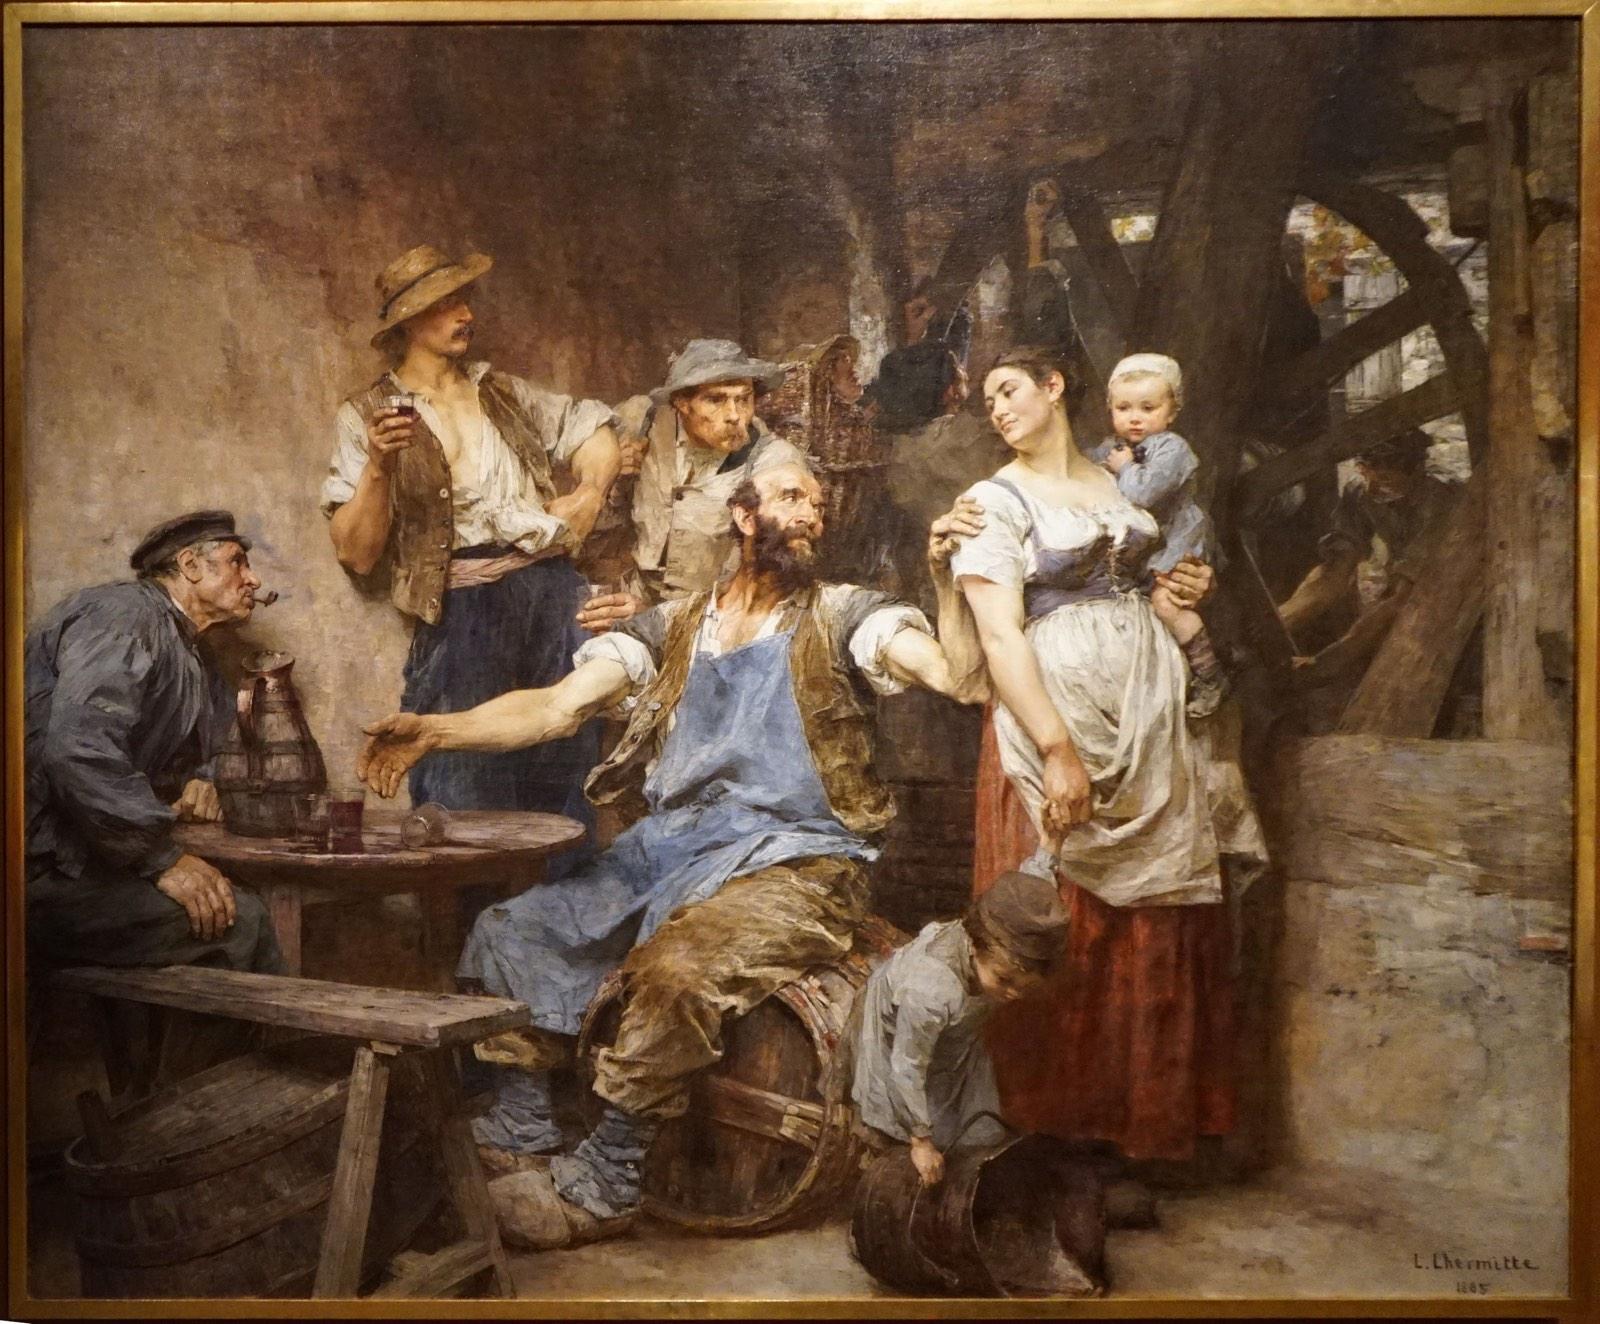 El vino (siglo XIX), de Léon-Augustin Lhermitte